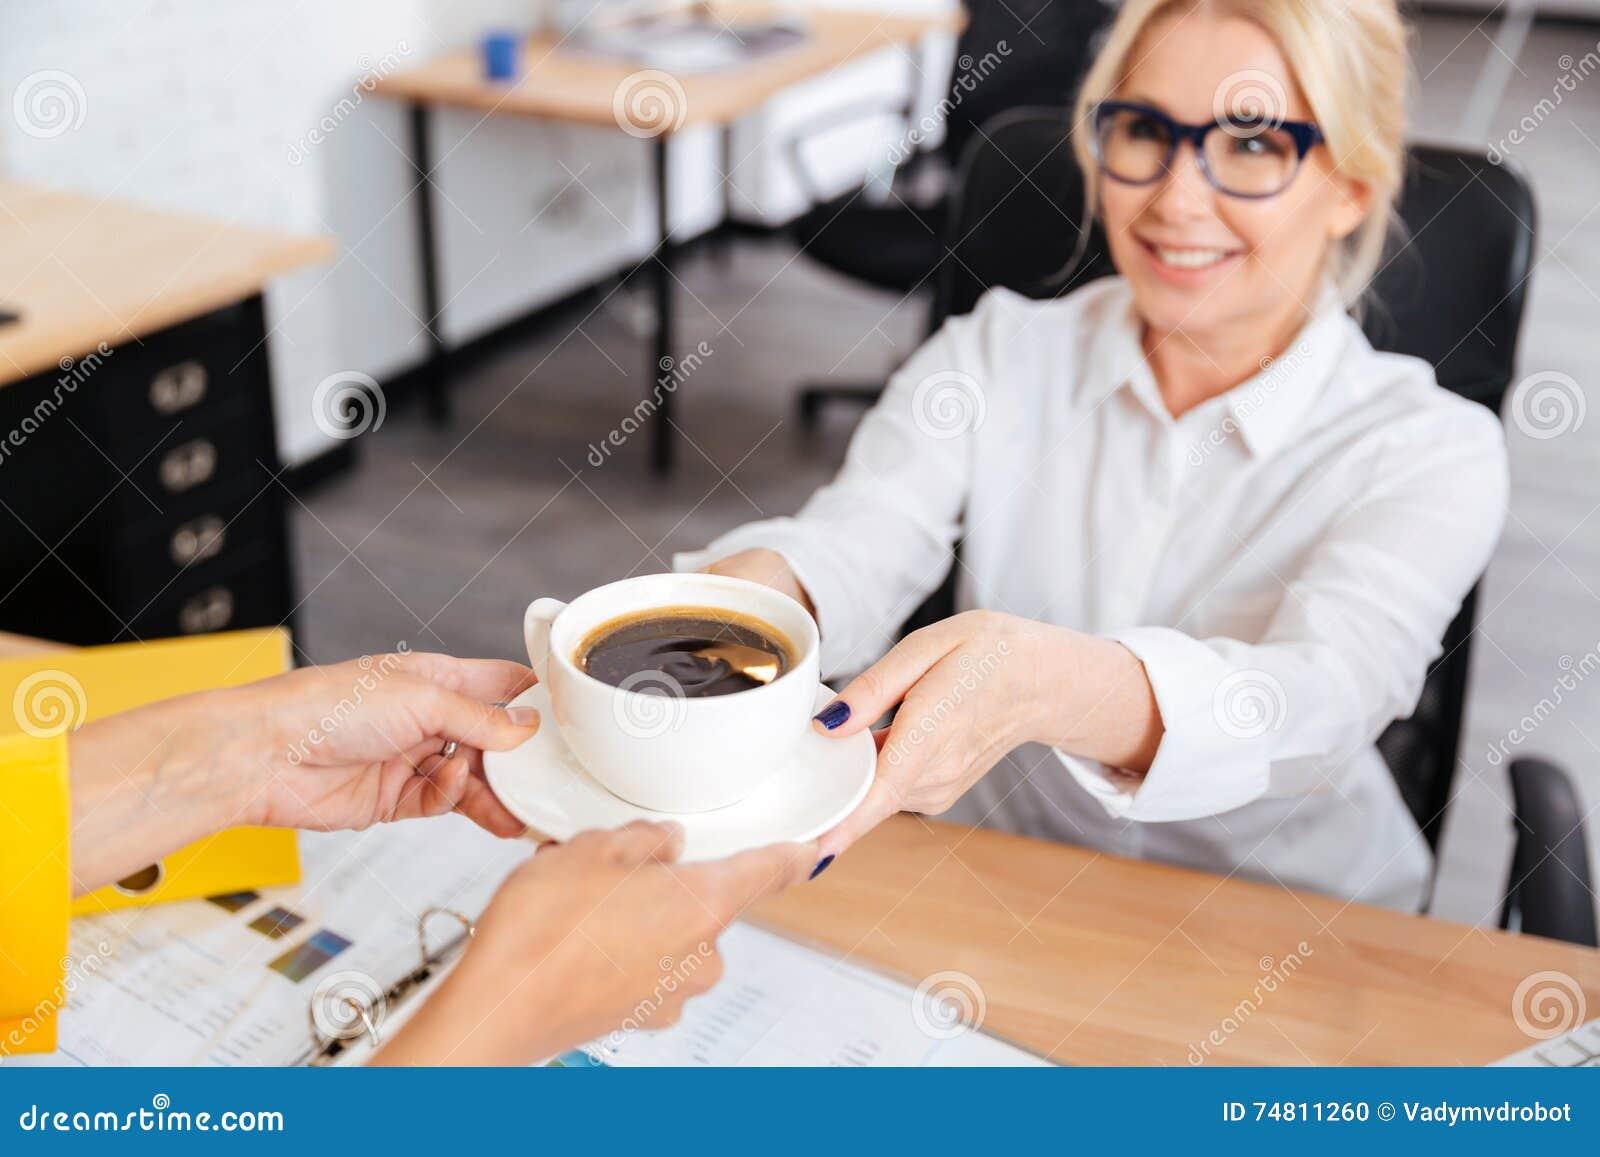 секретарша приносит кофе фото сожалению всех